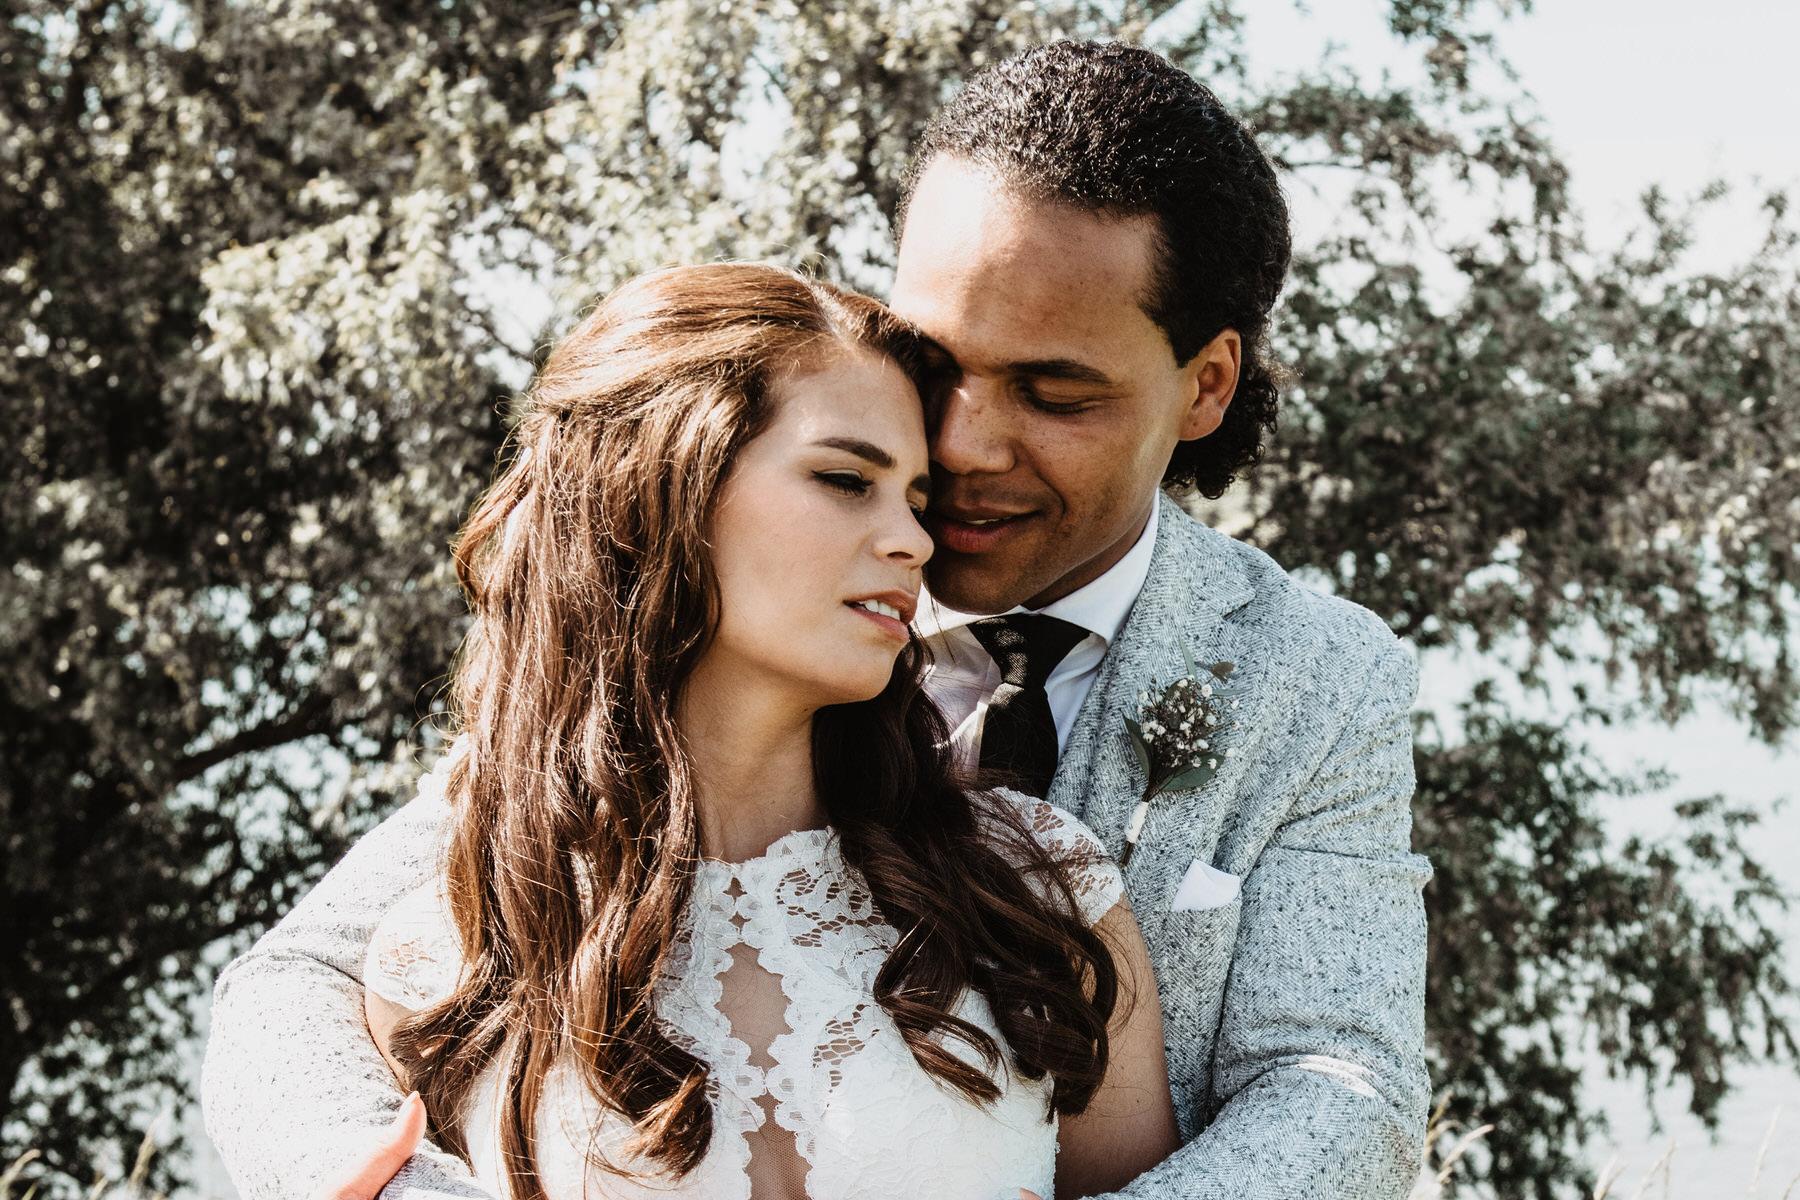 trouwen na 2 maanden van dating zijn herpes dating sites goed